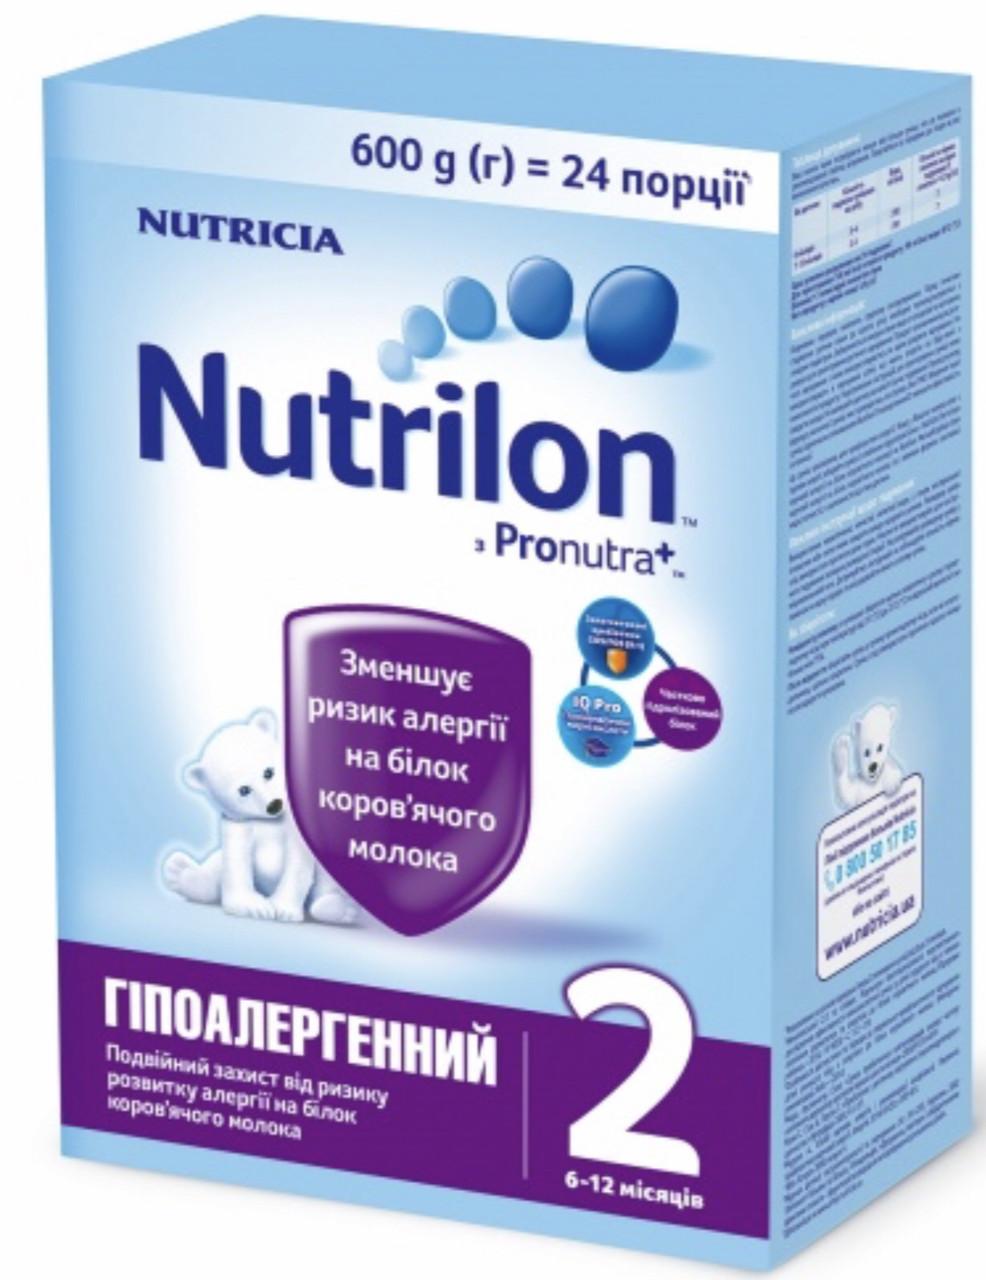 Суміш молочна Nutrilon Гіпоалергенний 2, 600 г